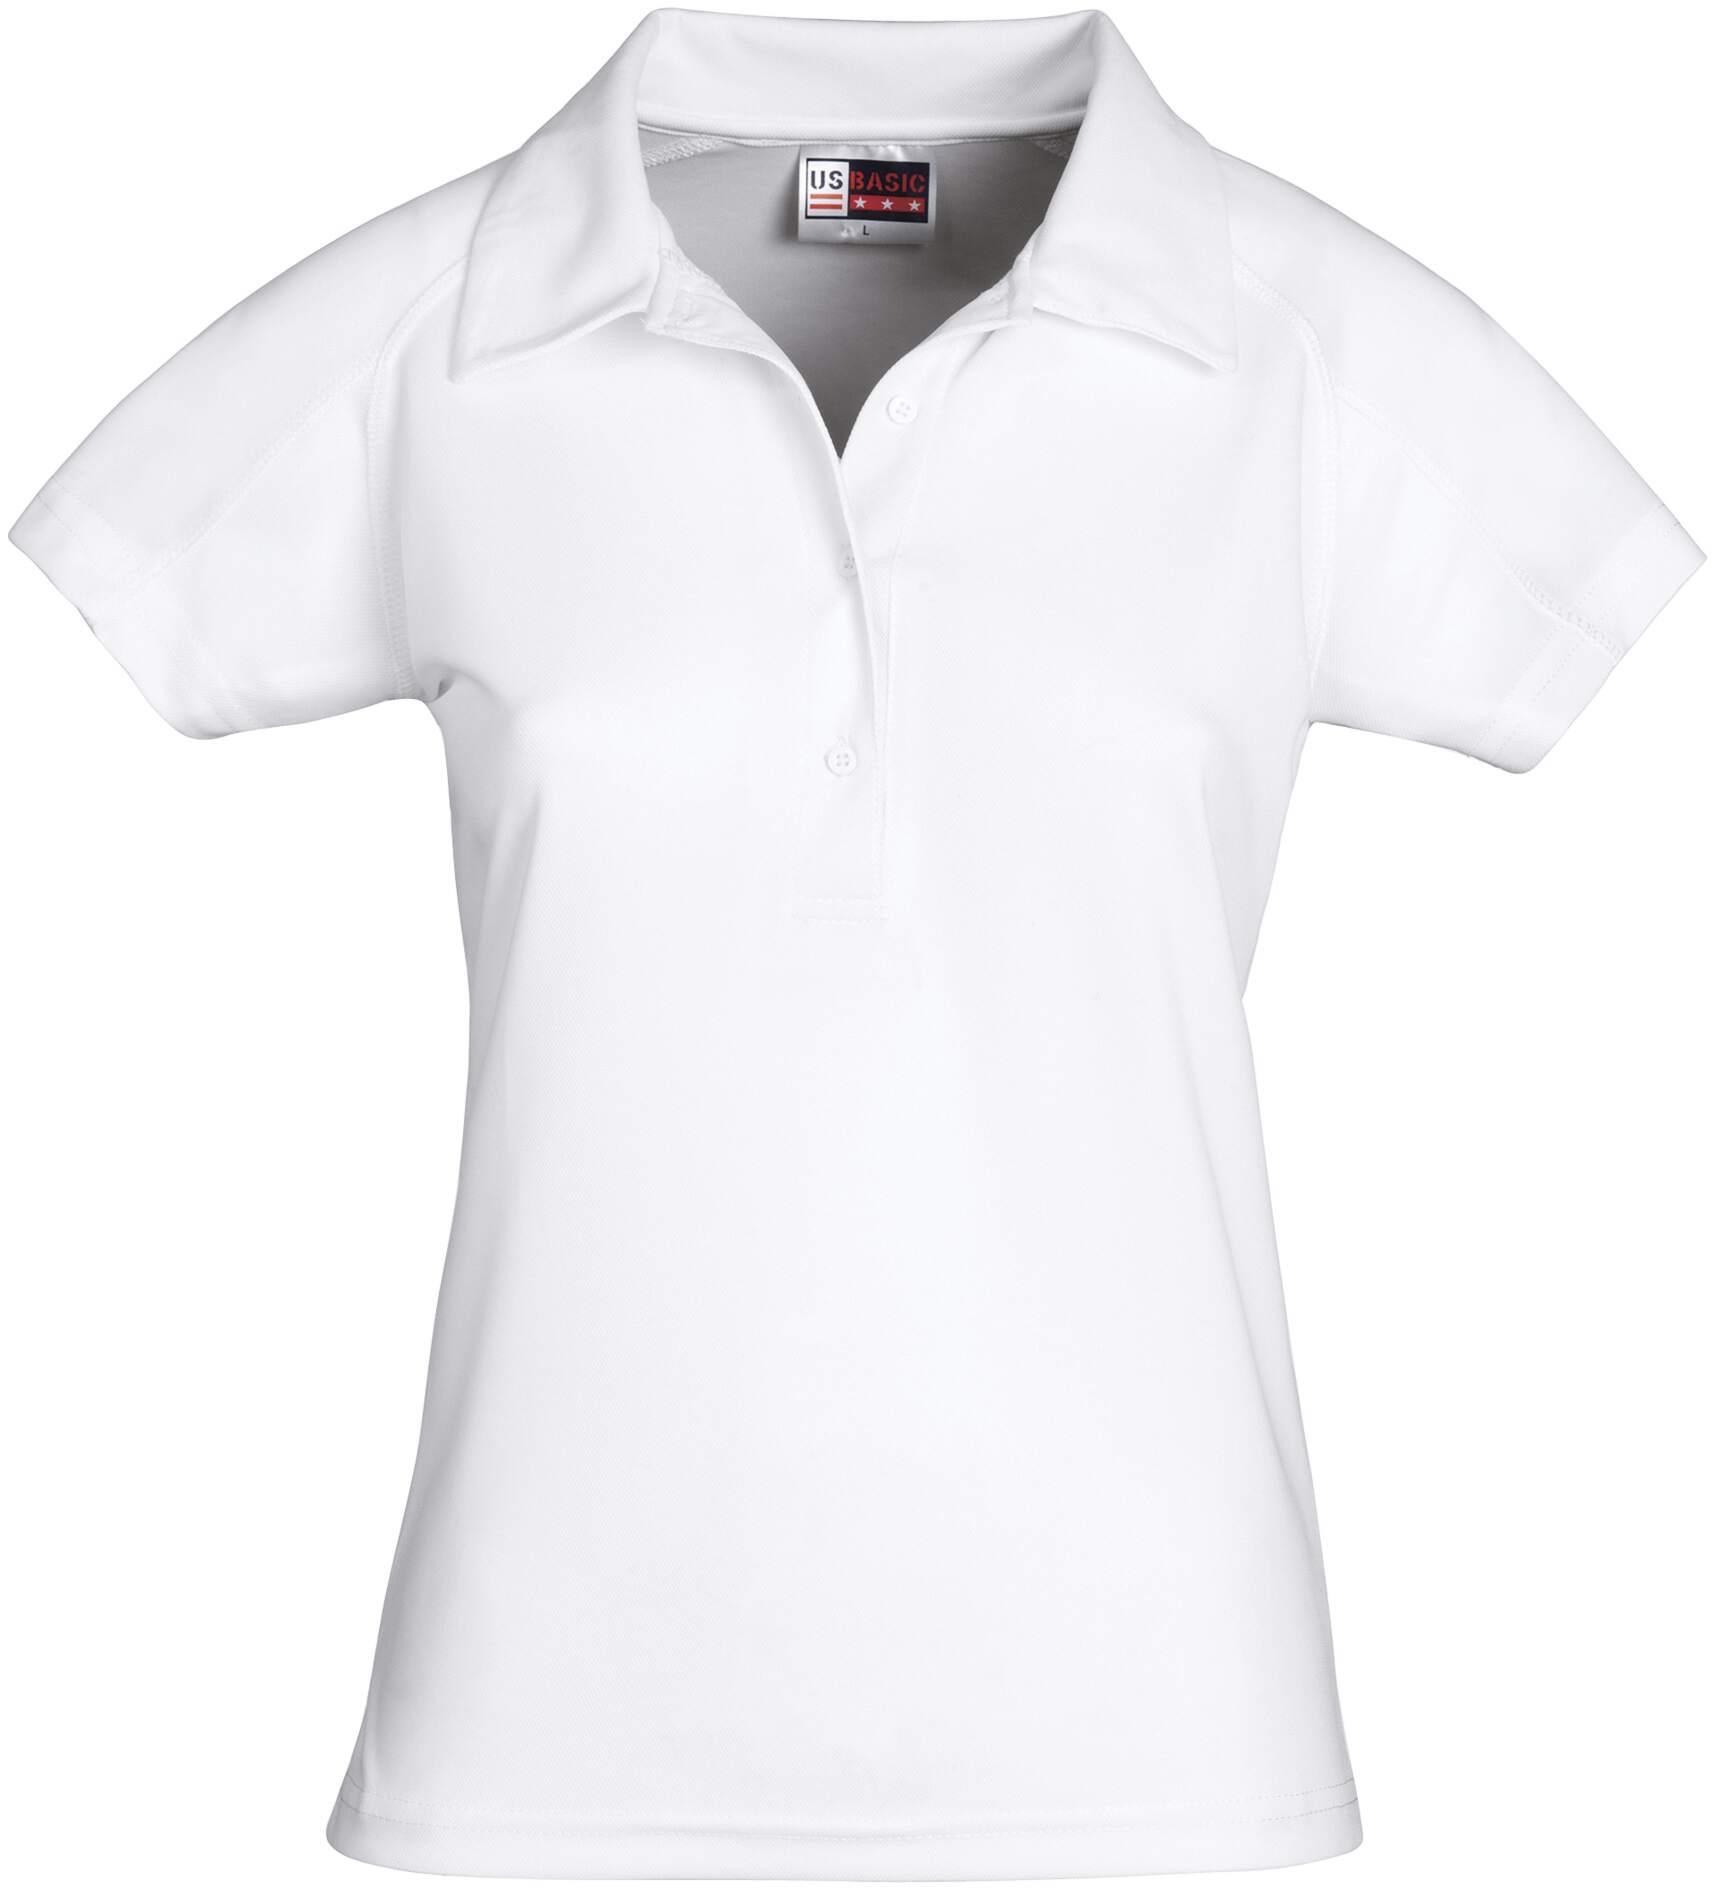 Koszulki Polo US 31097 Cool Fit - 31097_biały_US - Kolor: Biały